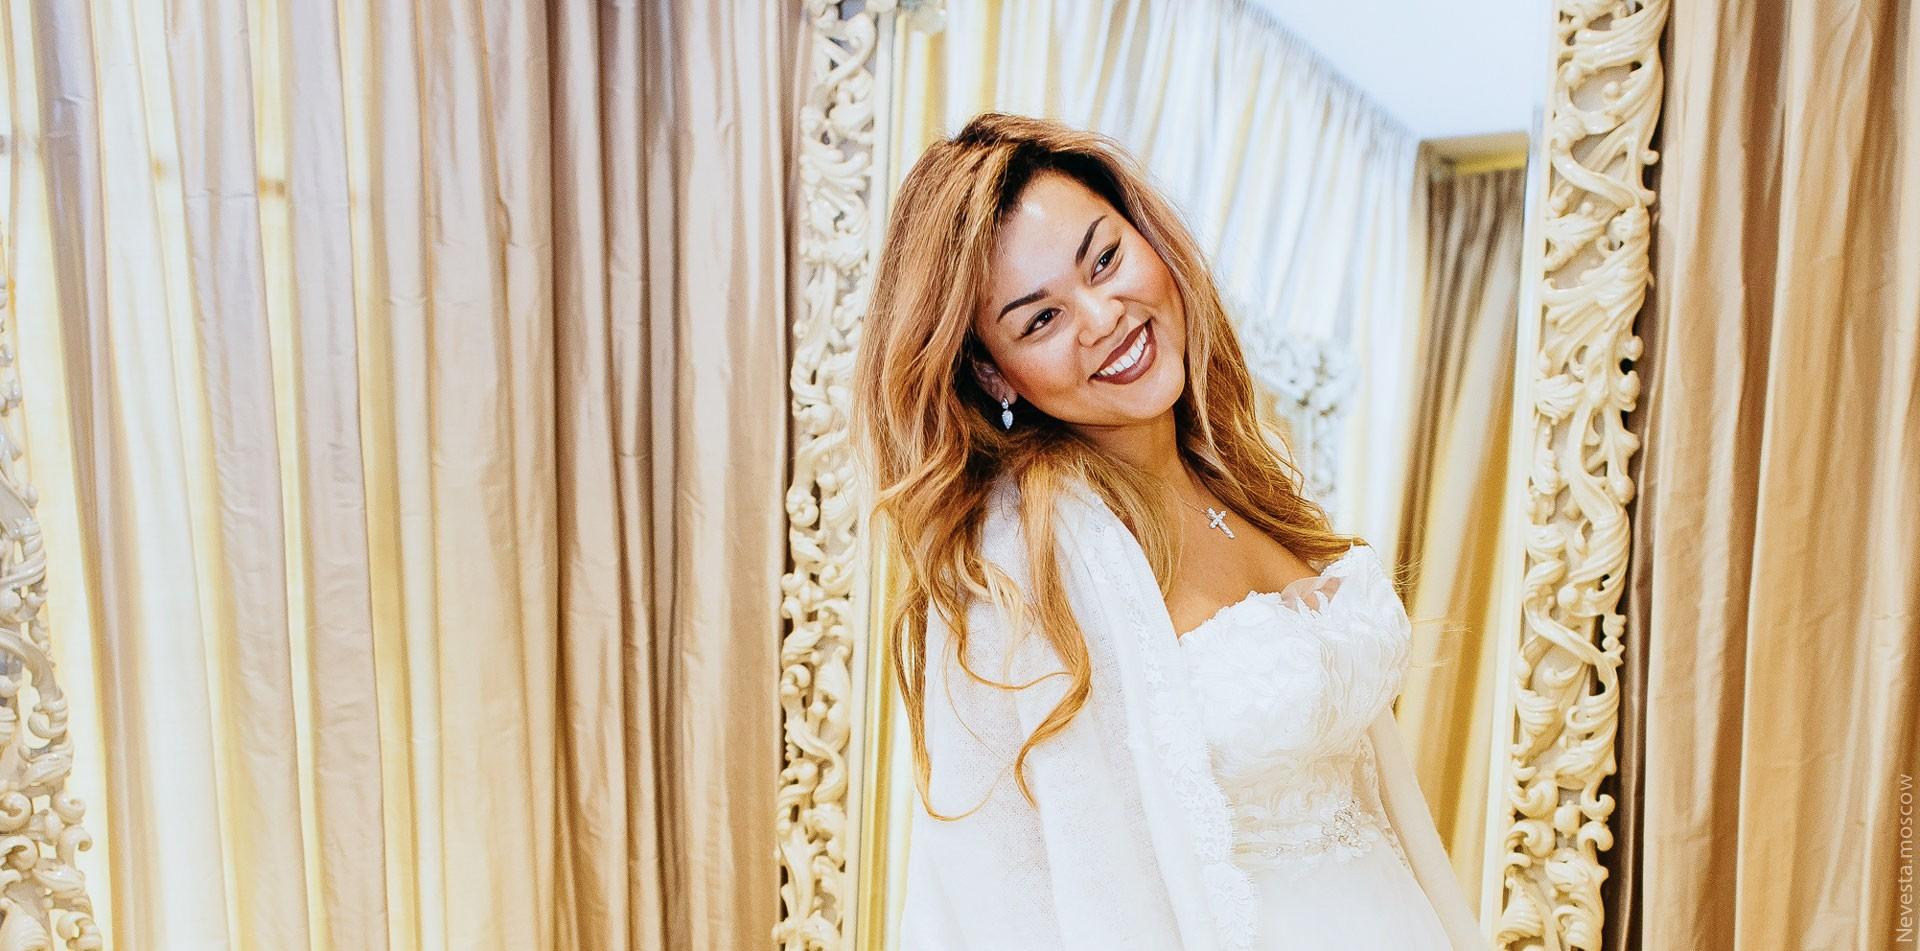 Корнелия Манго невеста свадьба выбор платья